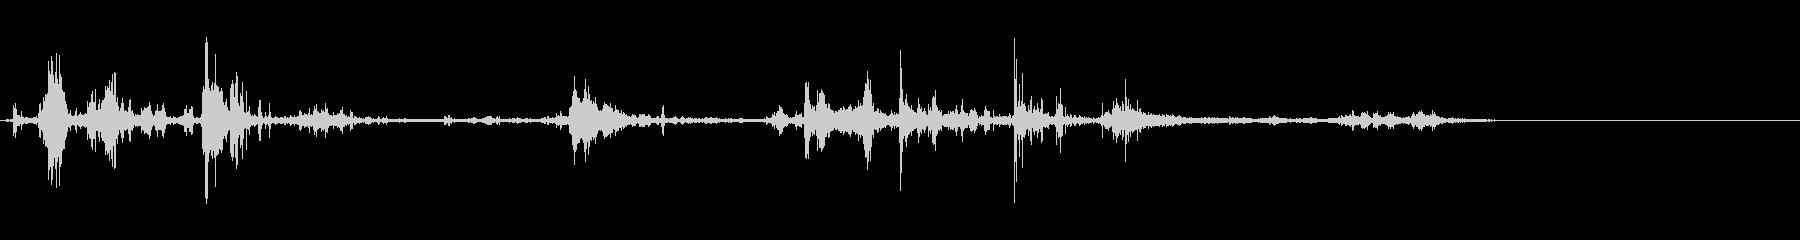 サンダー10;ミディアムクローズサ...の未再生の波形